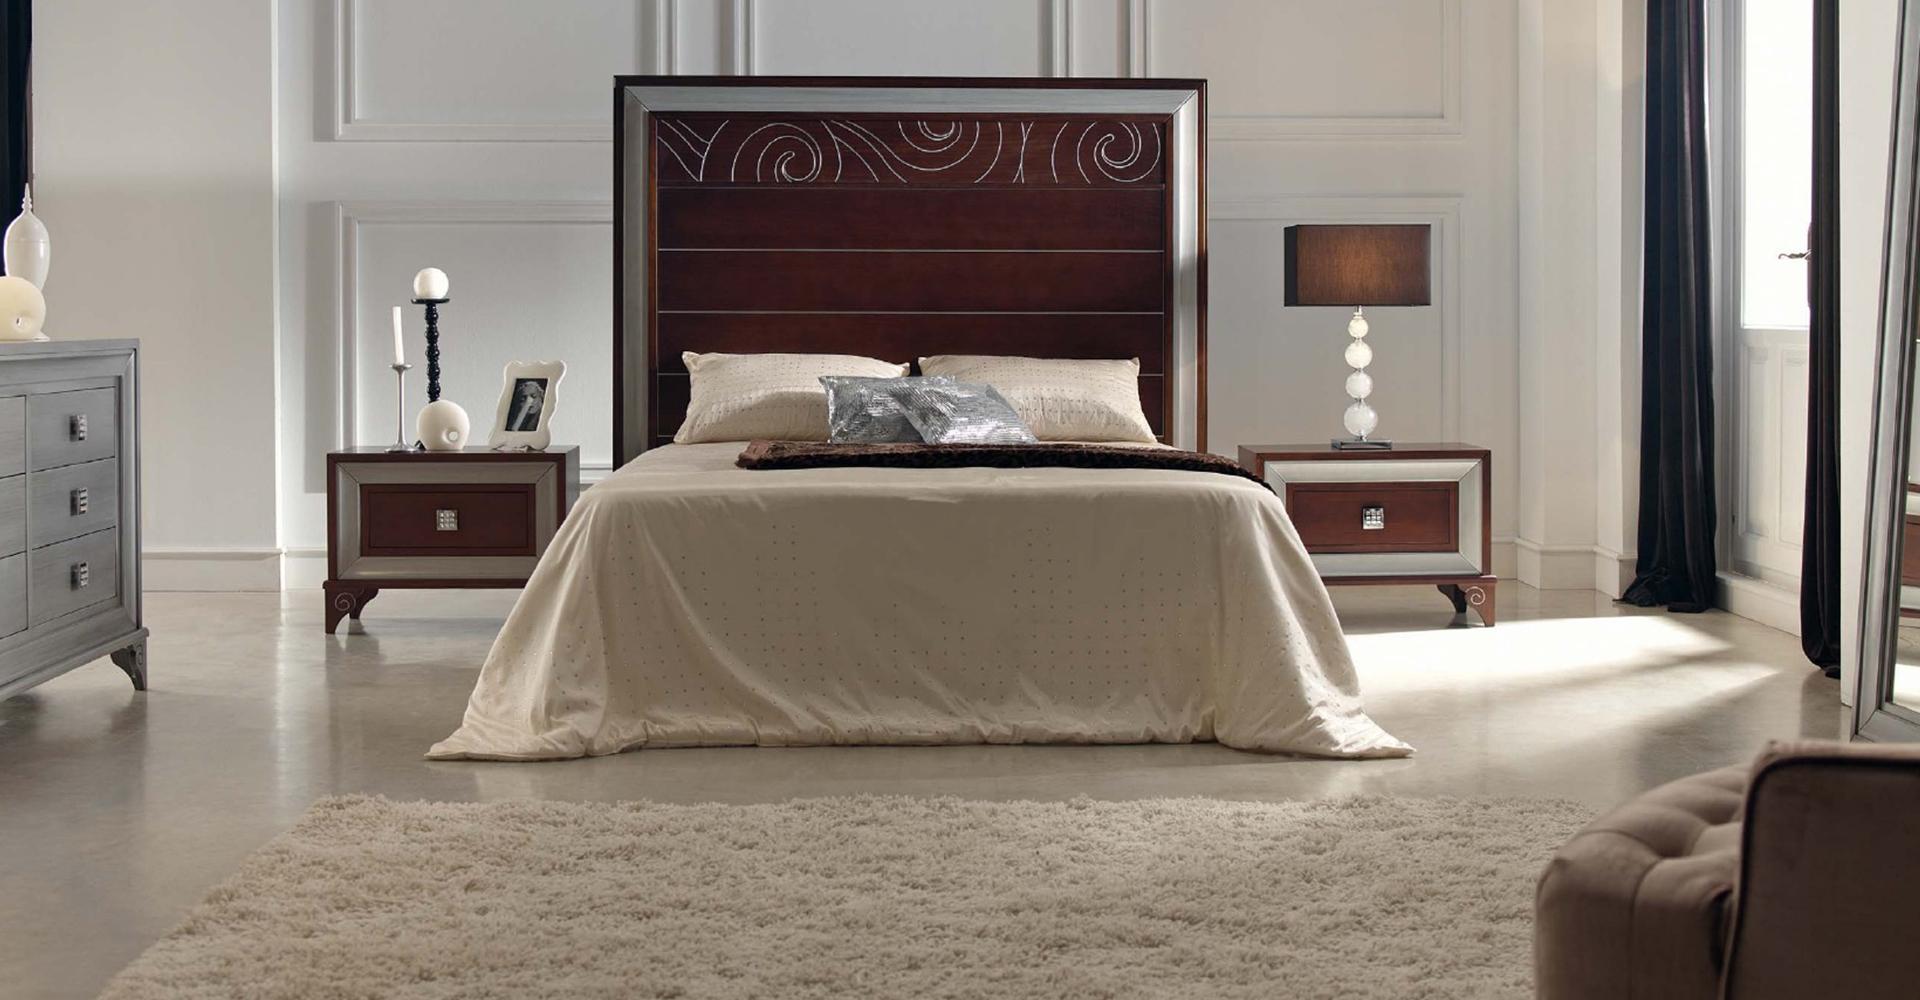 dormitorio de estilo contemporaneo (51)